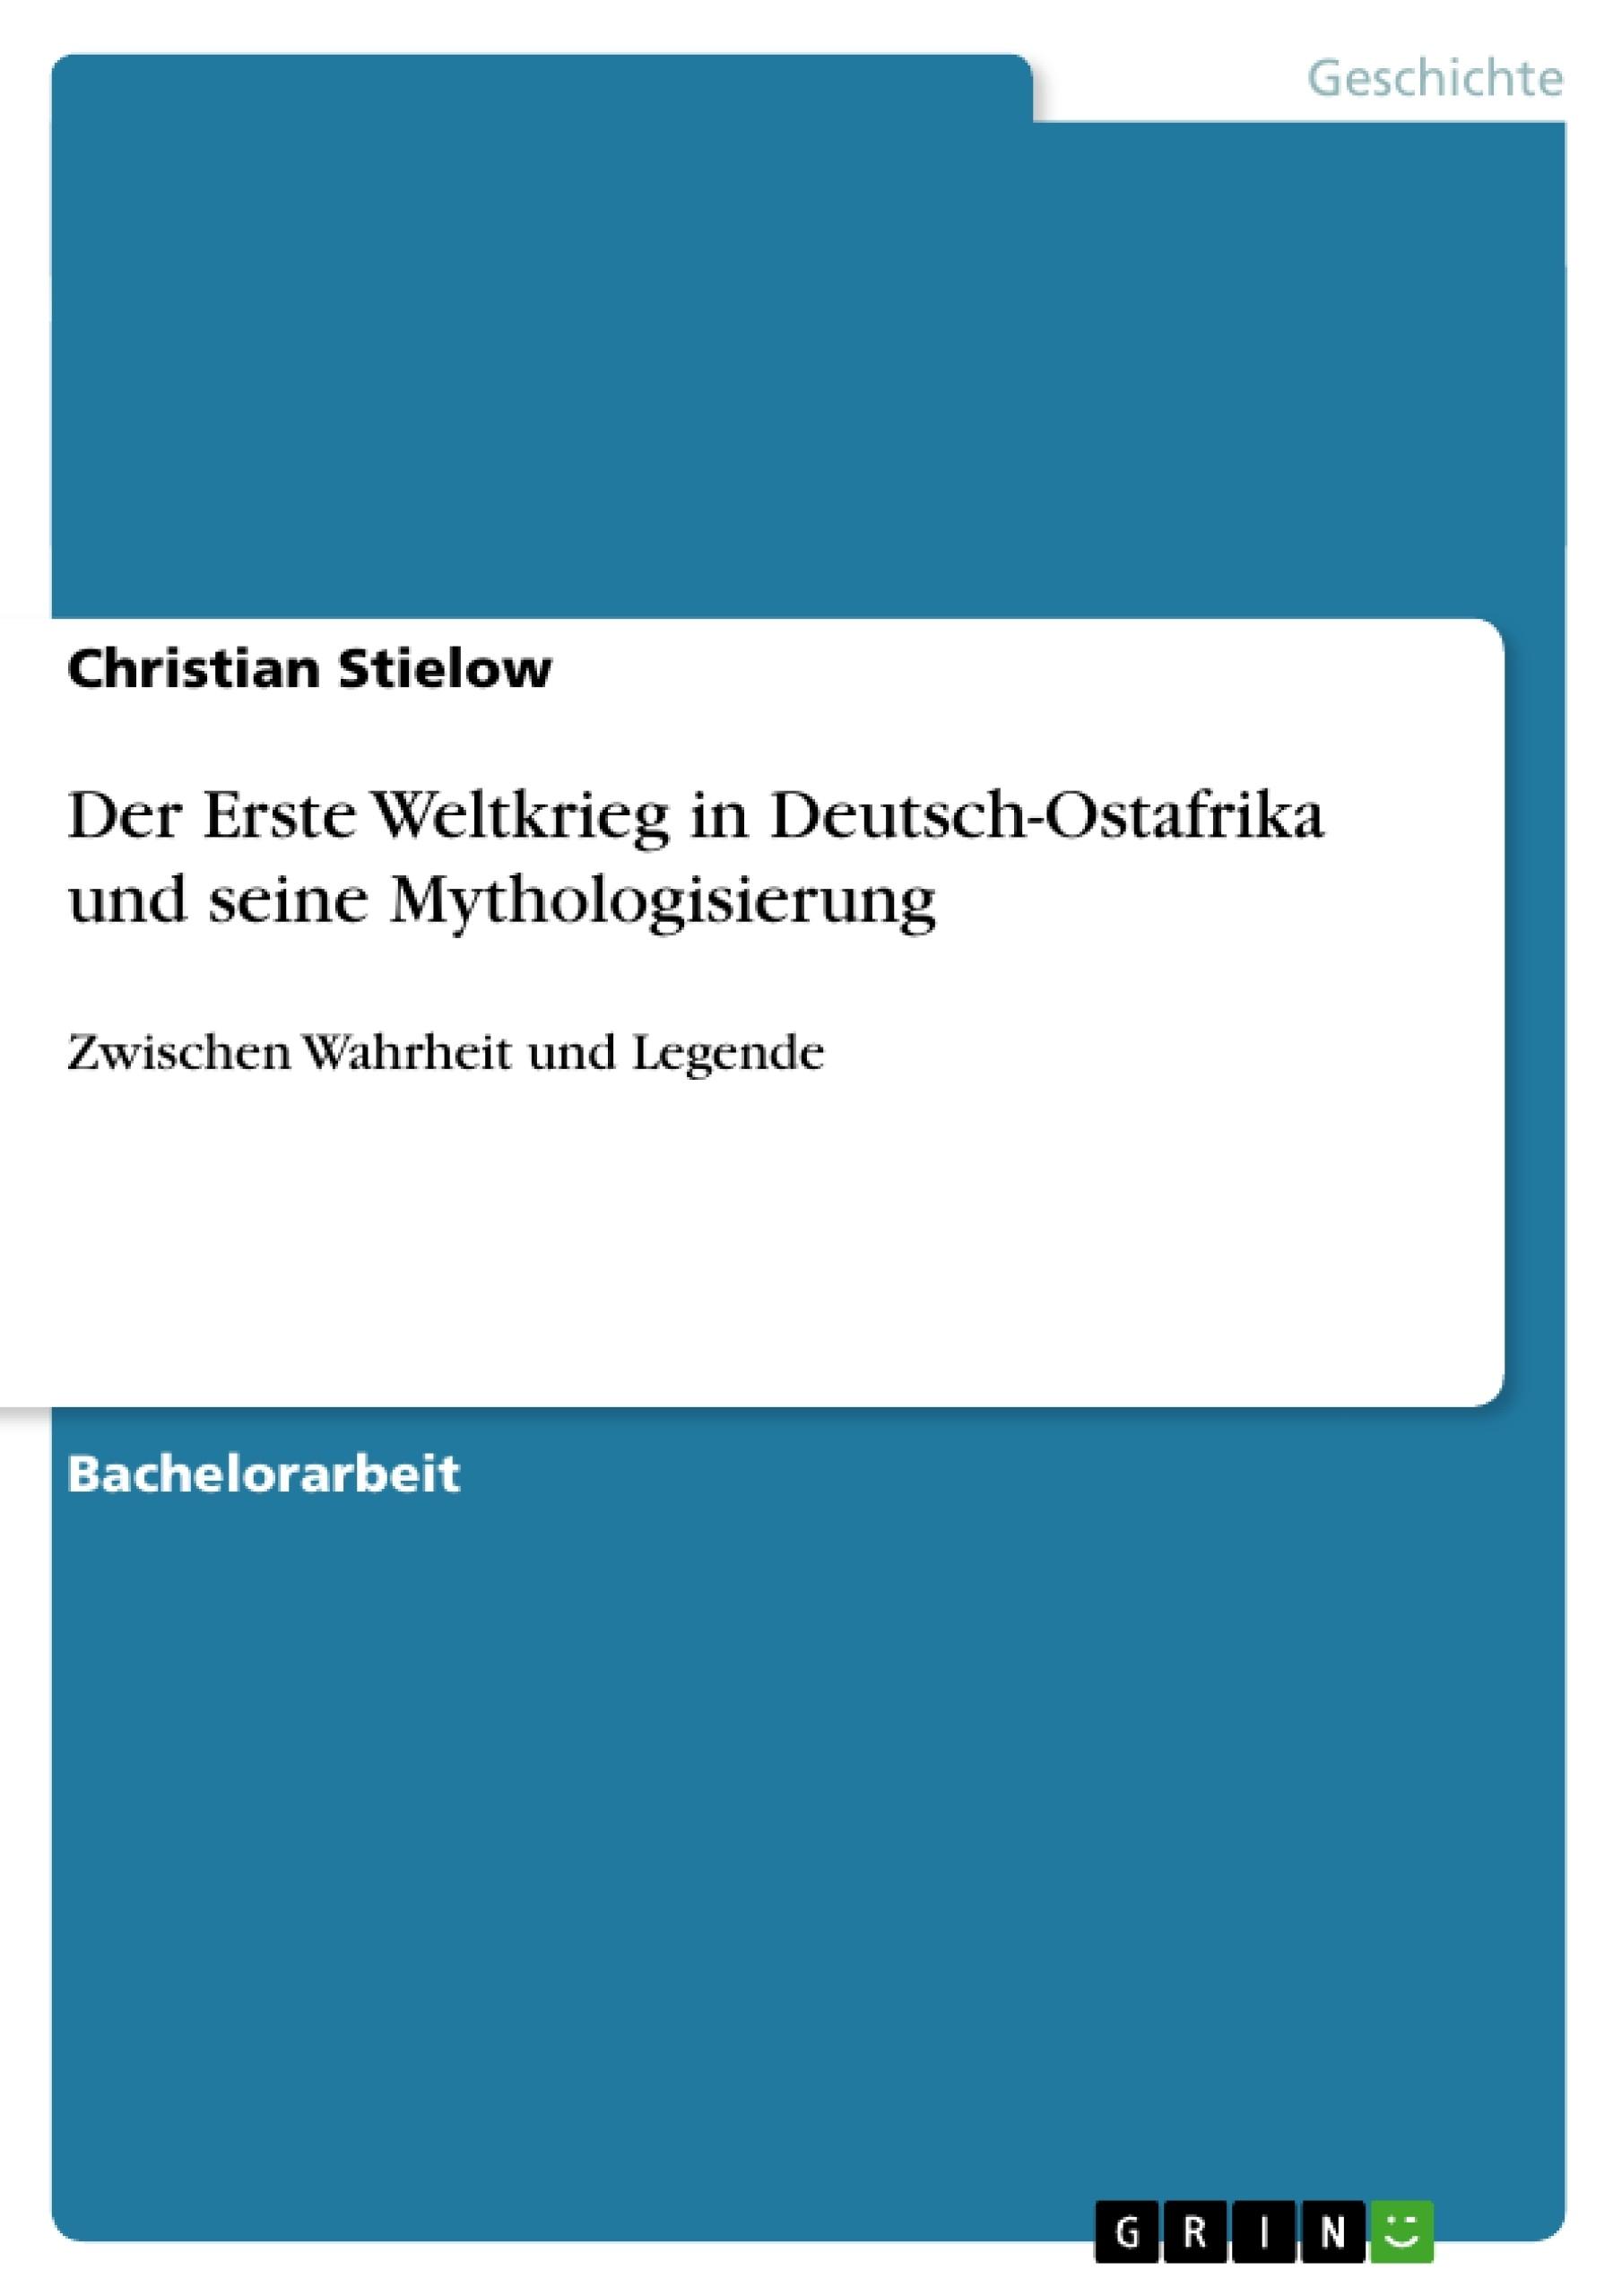 Titel: Der Erste Weltkrieg in Deutsch-Ostafrika und seine Mythologisierung